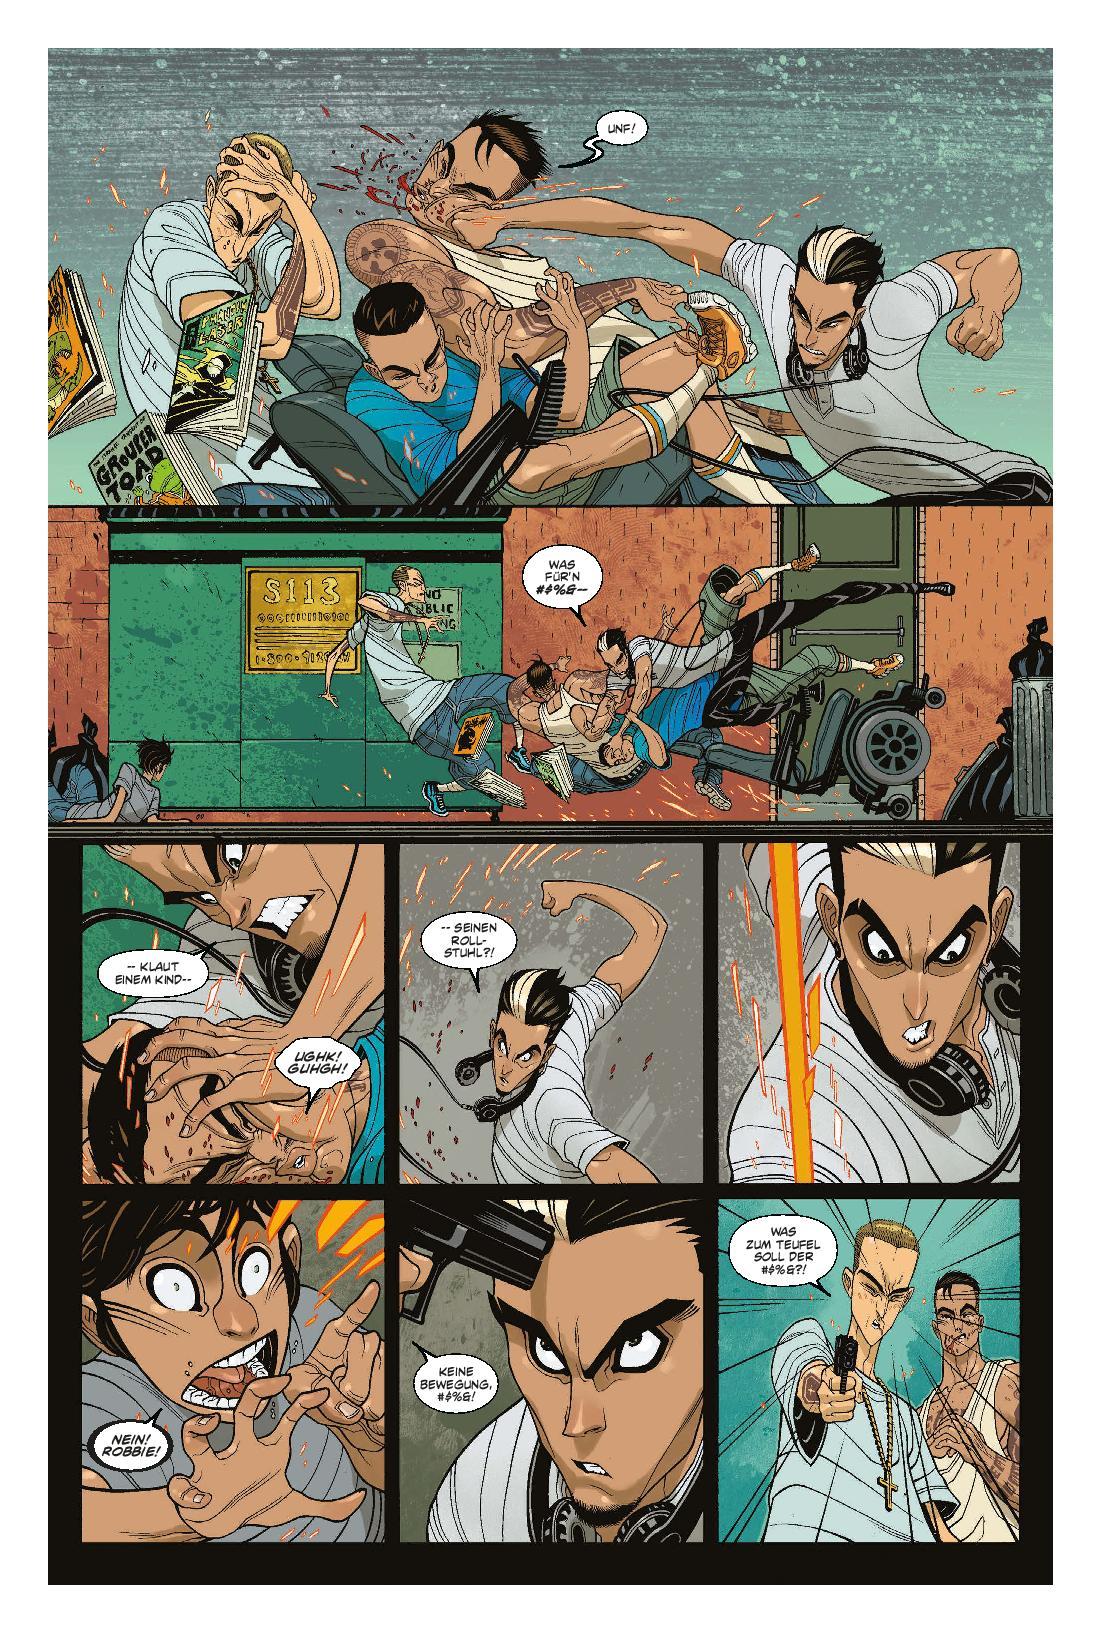 Marvel | GHOST RIDER MEGABAND 1: RACHE AUF RÄDERN | Panini Verlag | Aus dem Inhalt